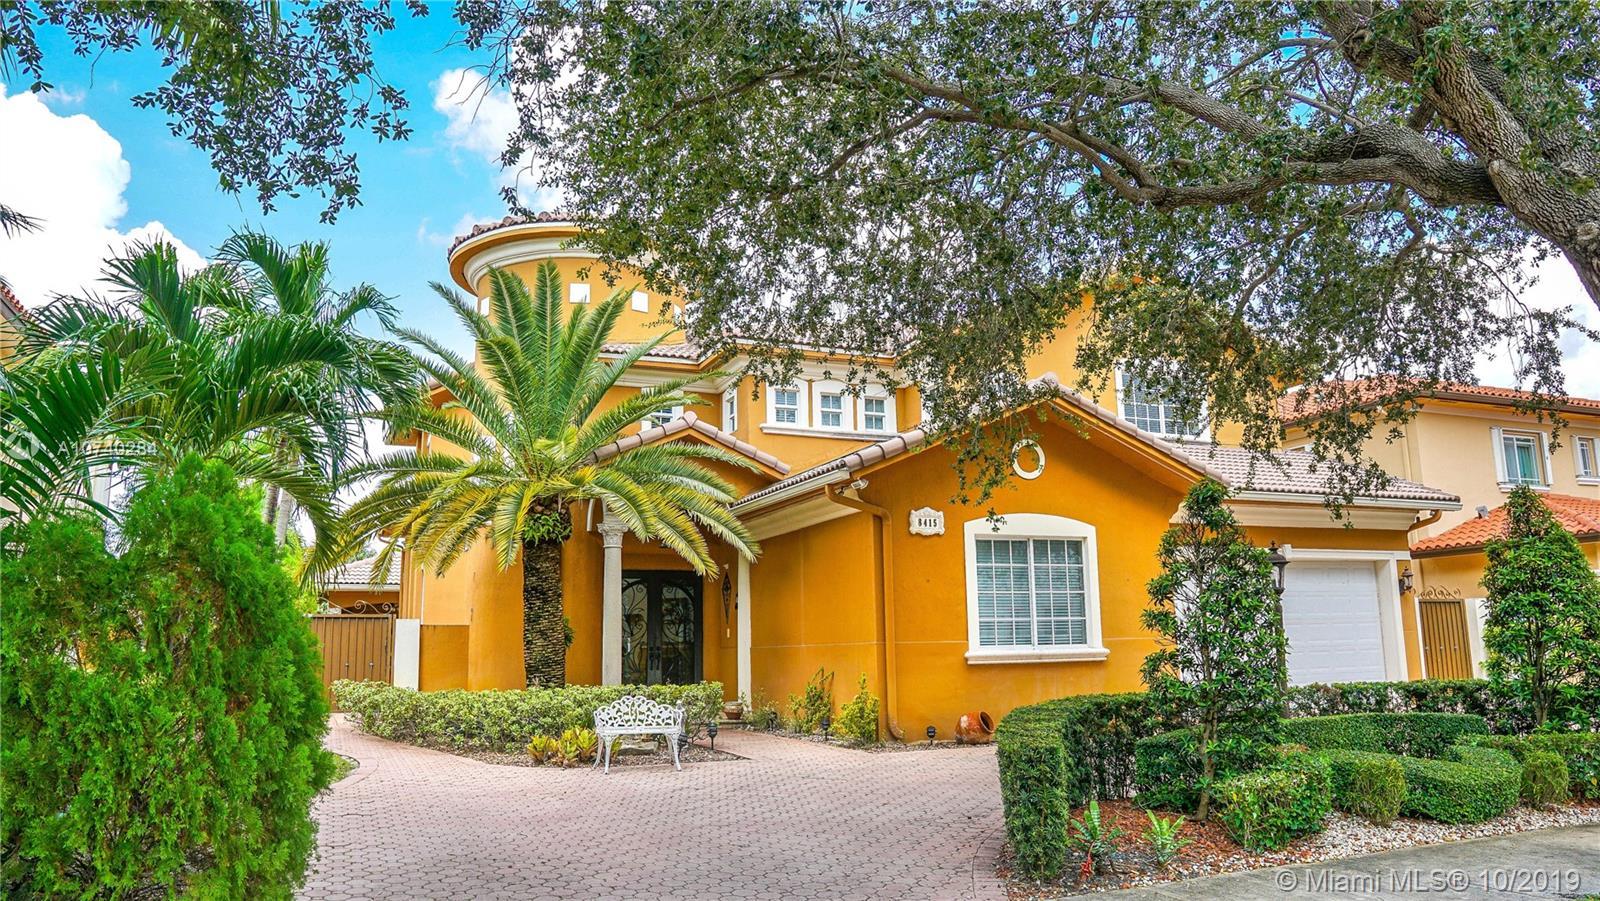 8415 NW 169th Ter, Miami Lakes, FL 33016